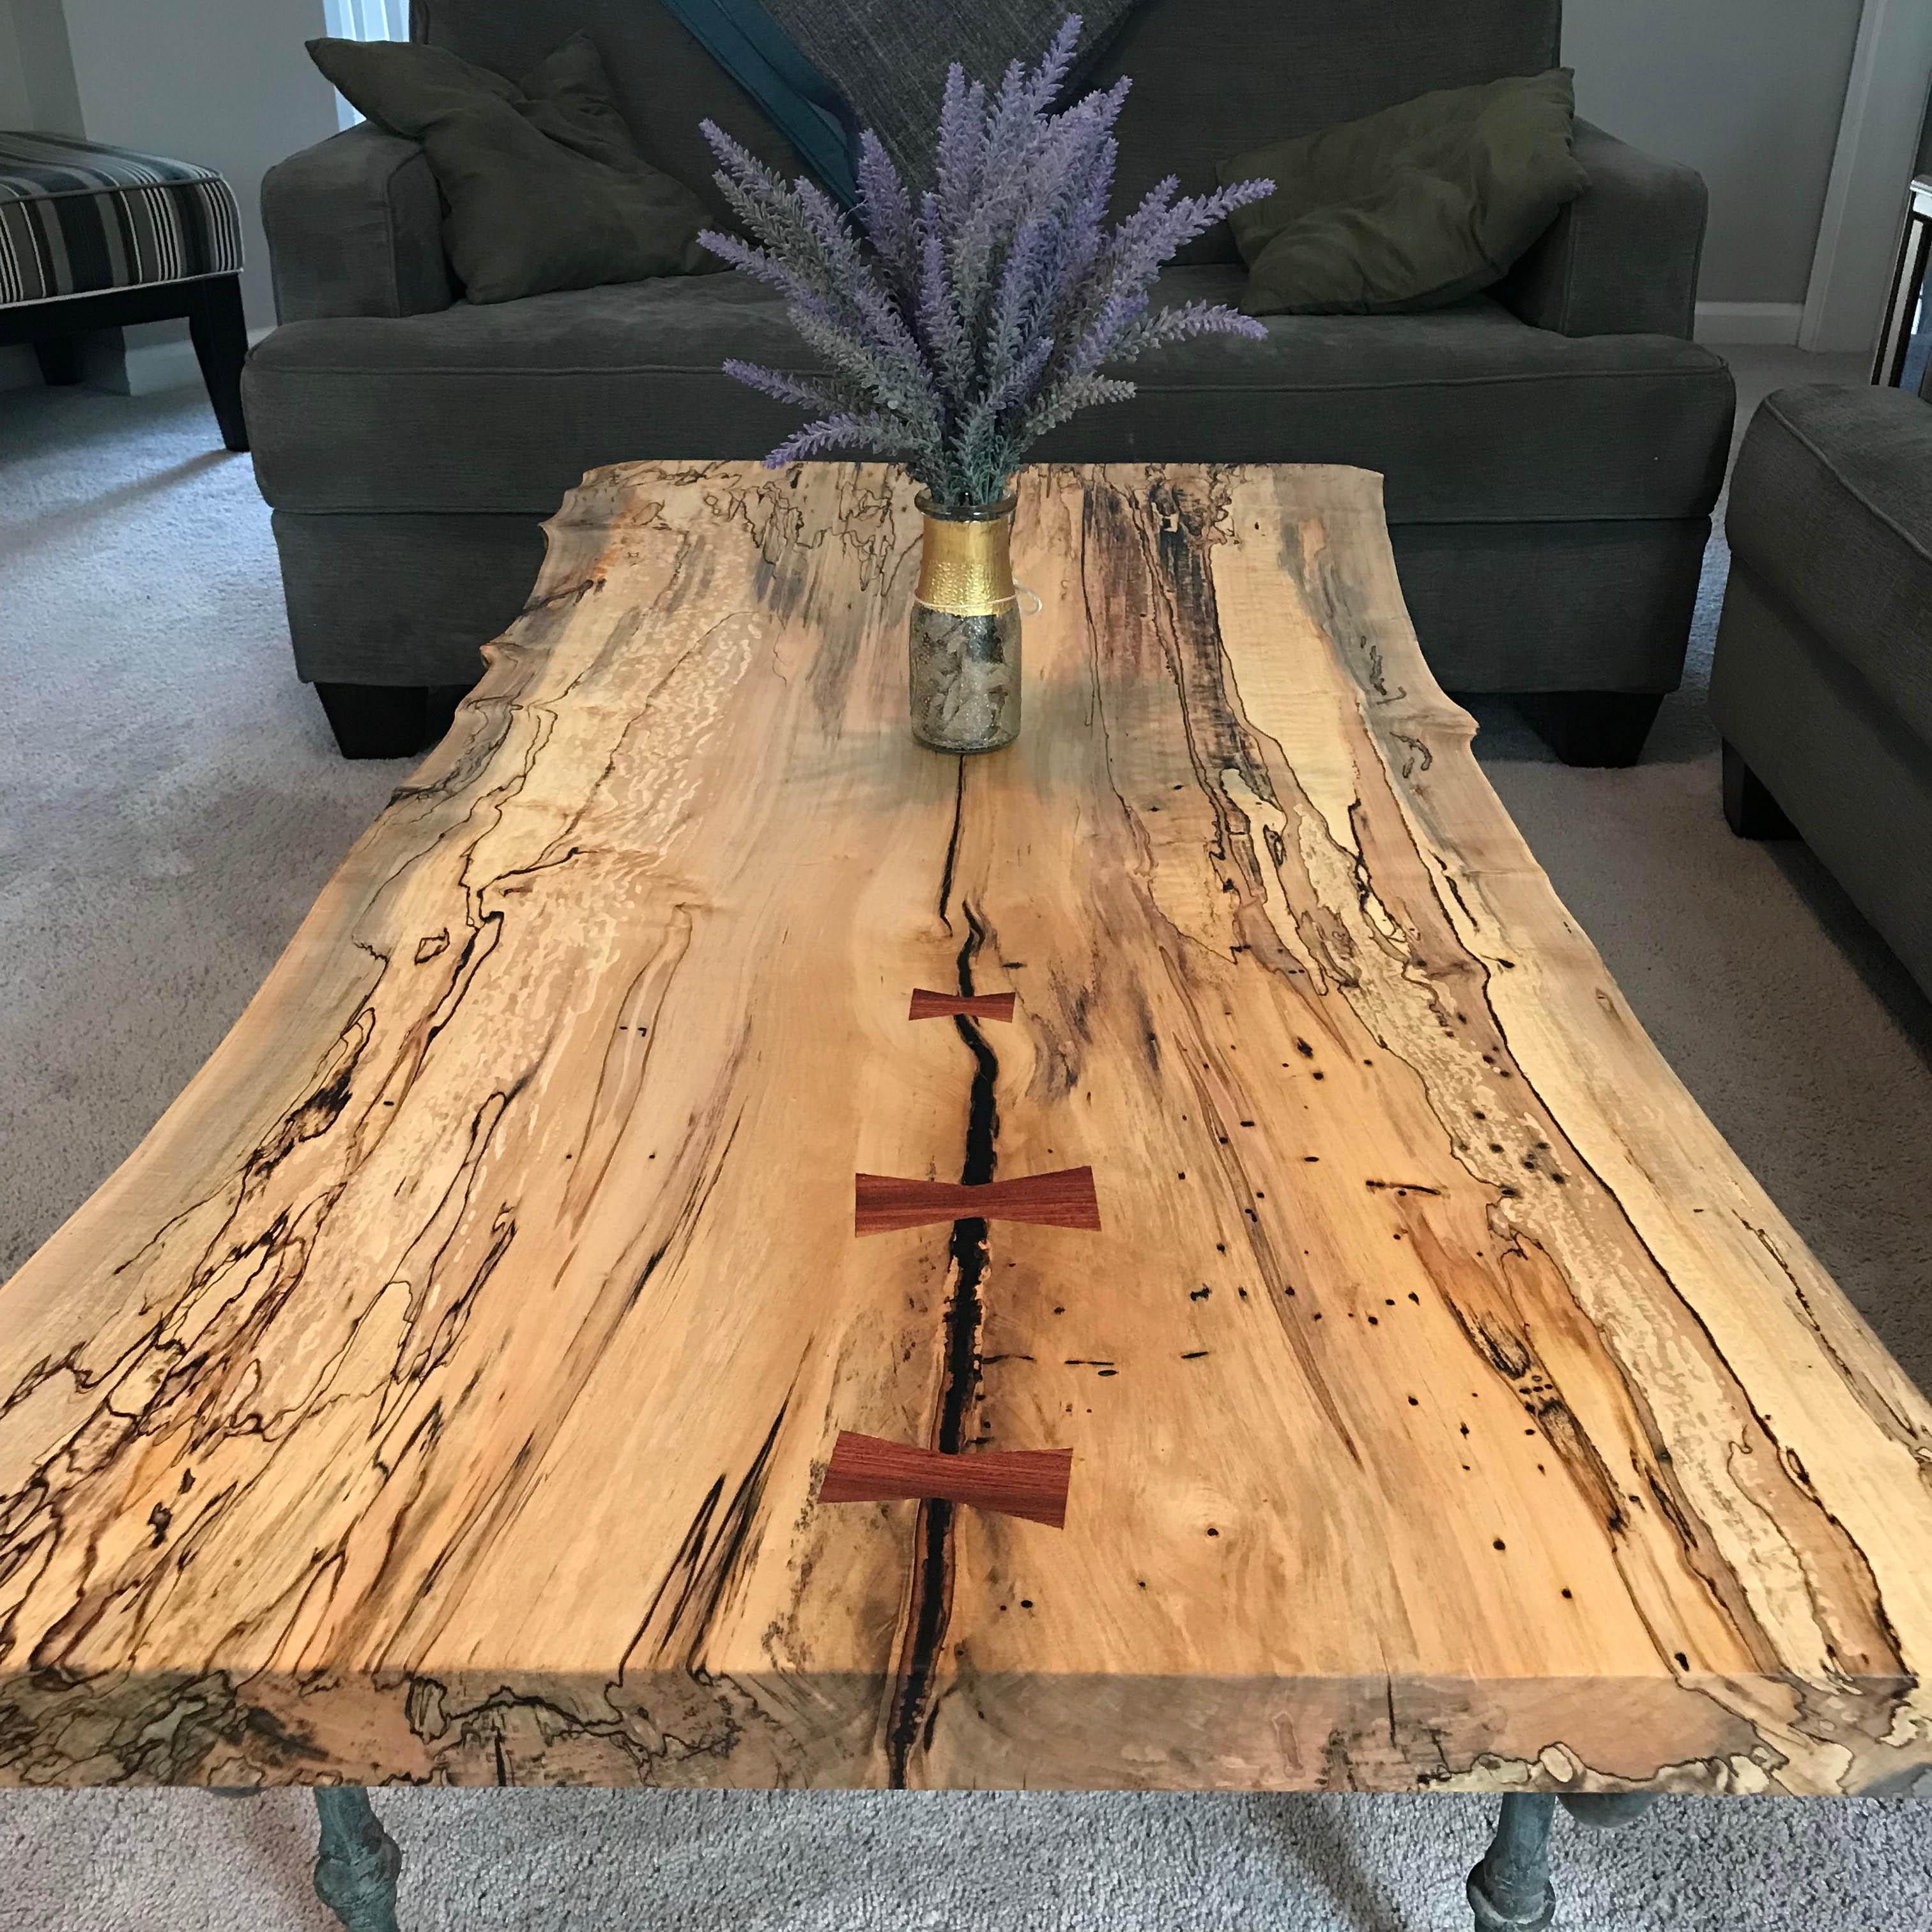 DIY-Inspiration: Gestalte deine Tischplatte mit Holzintarsien oder einer Metalleinlage